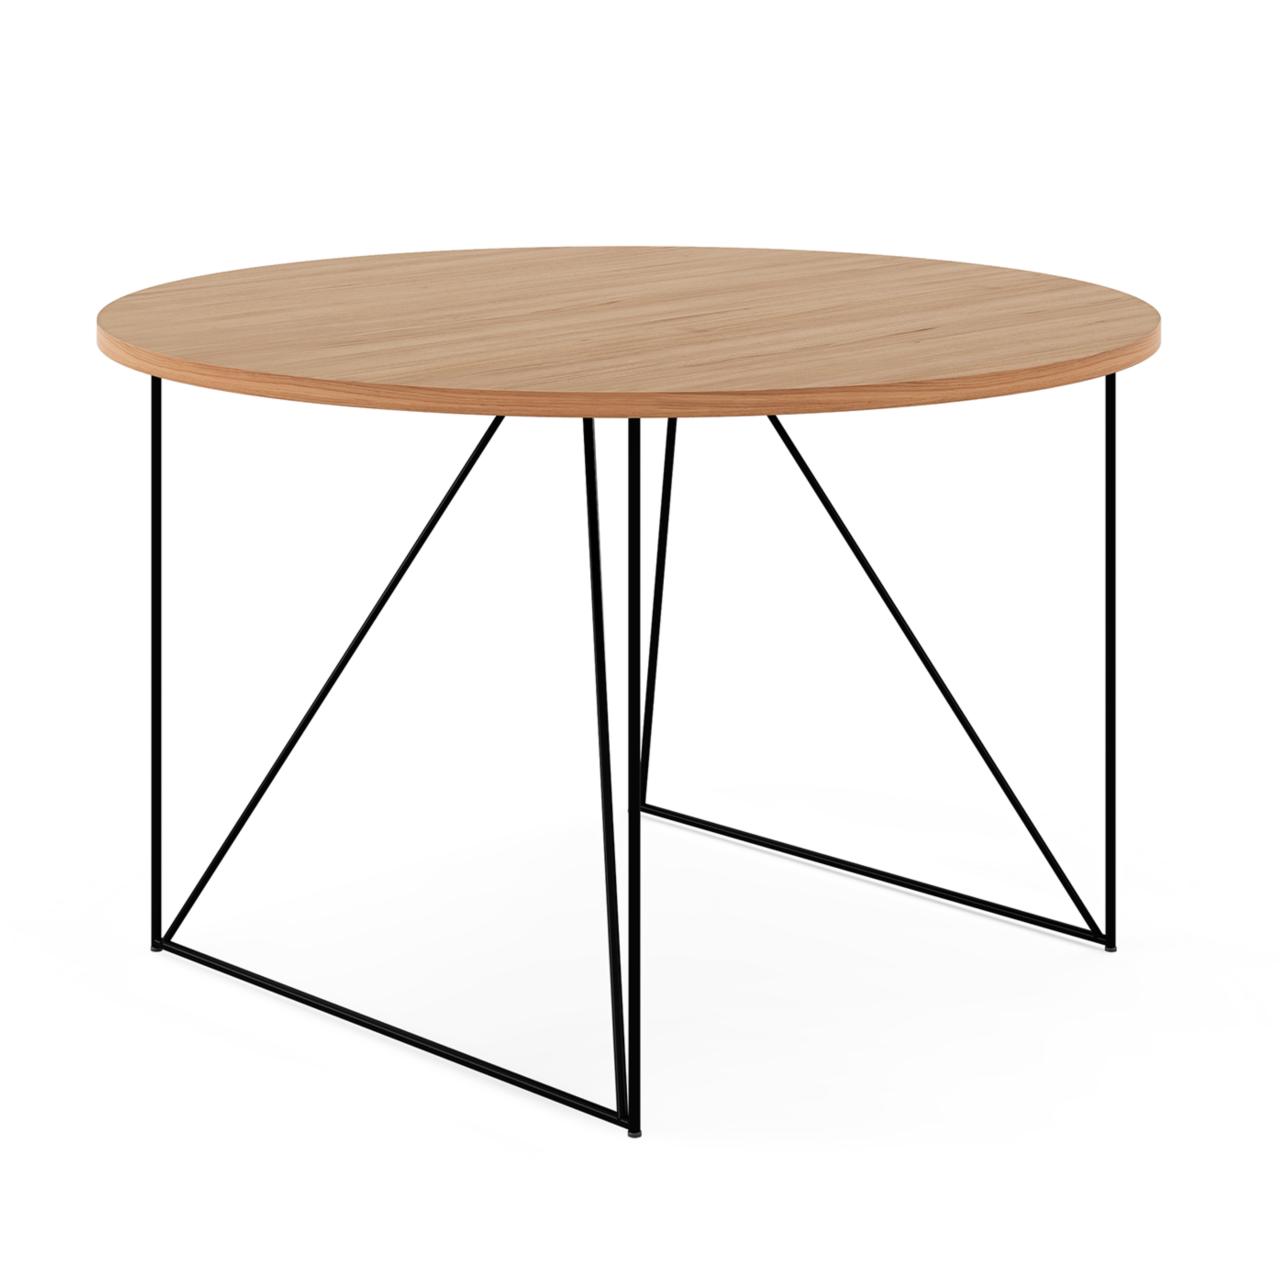 Besprechungstisch Ole - Industrielles Bürodesign mit Platte in Bernstein-Eiche-Optik Eleganter Look dank filigranem Metallgestell. Nutzung für bis zu 4 Personen möglich.